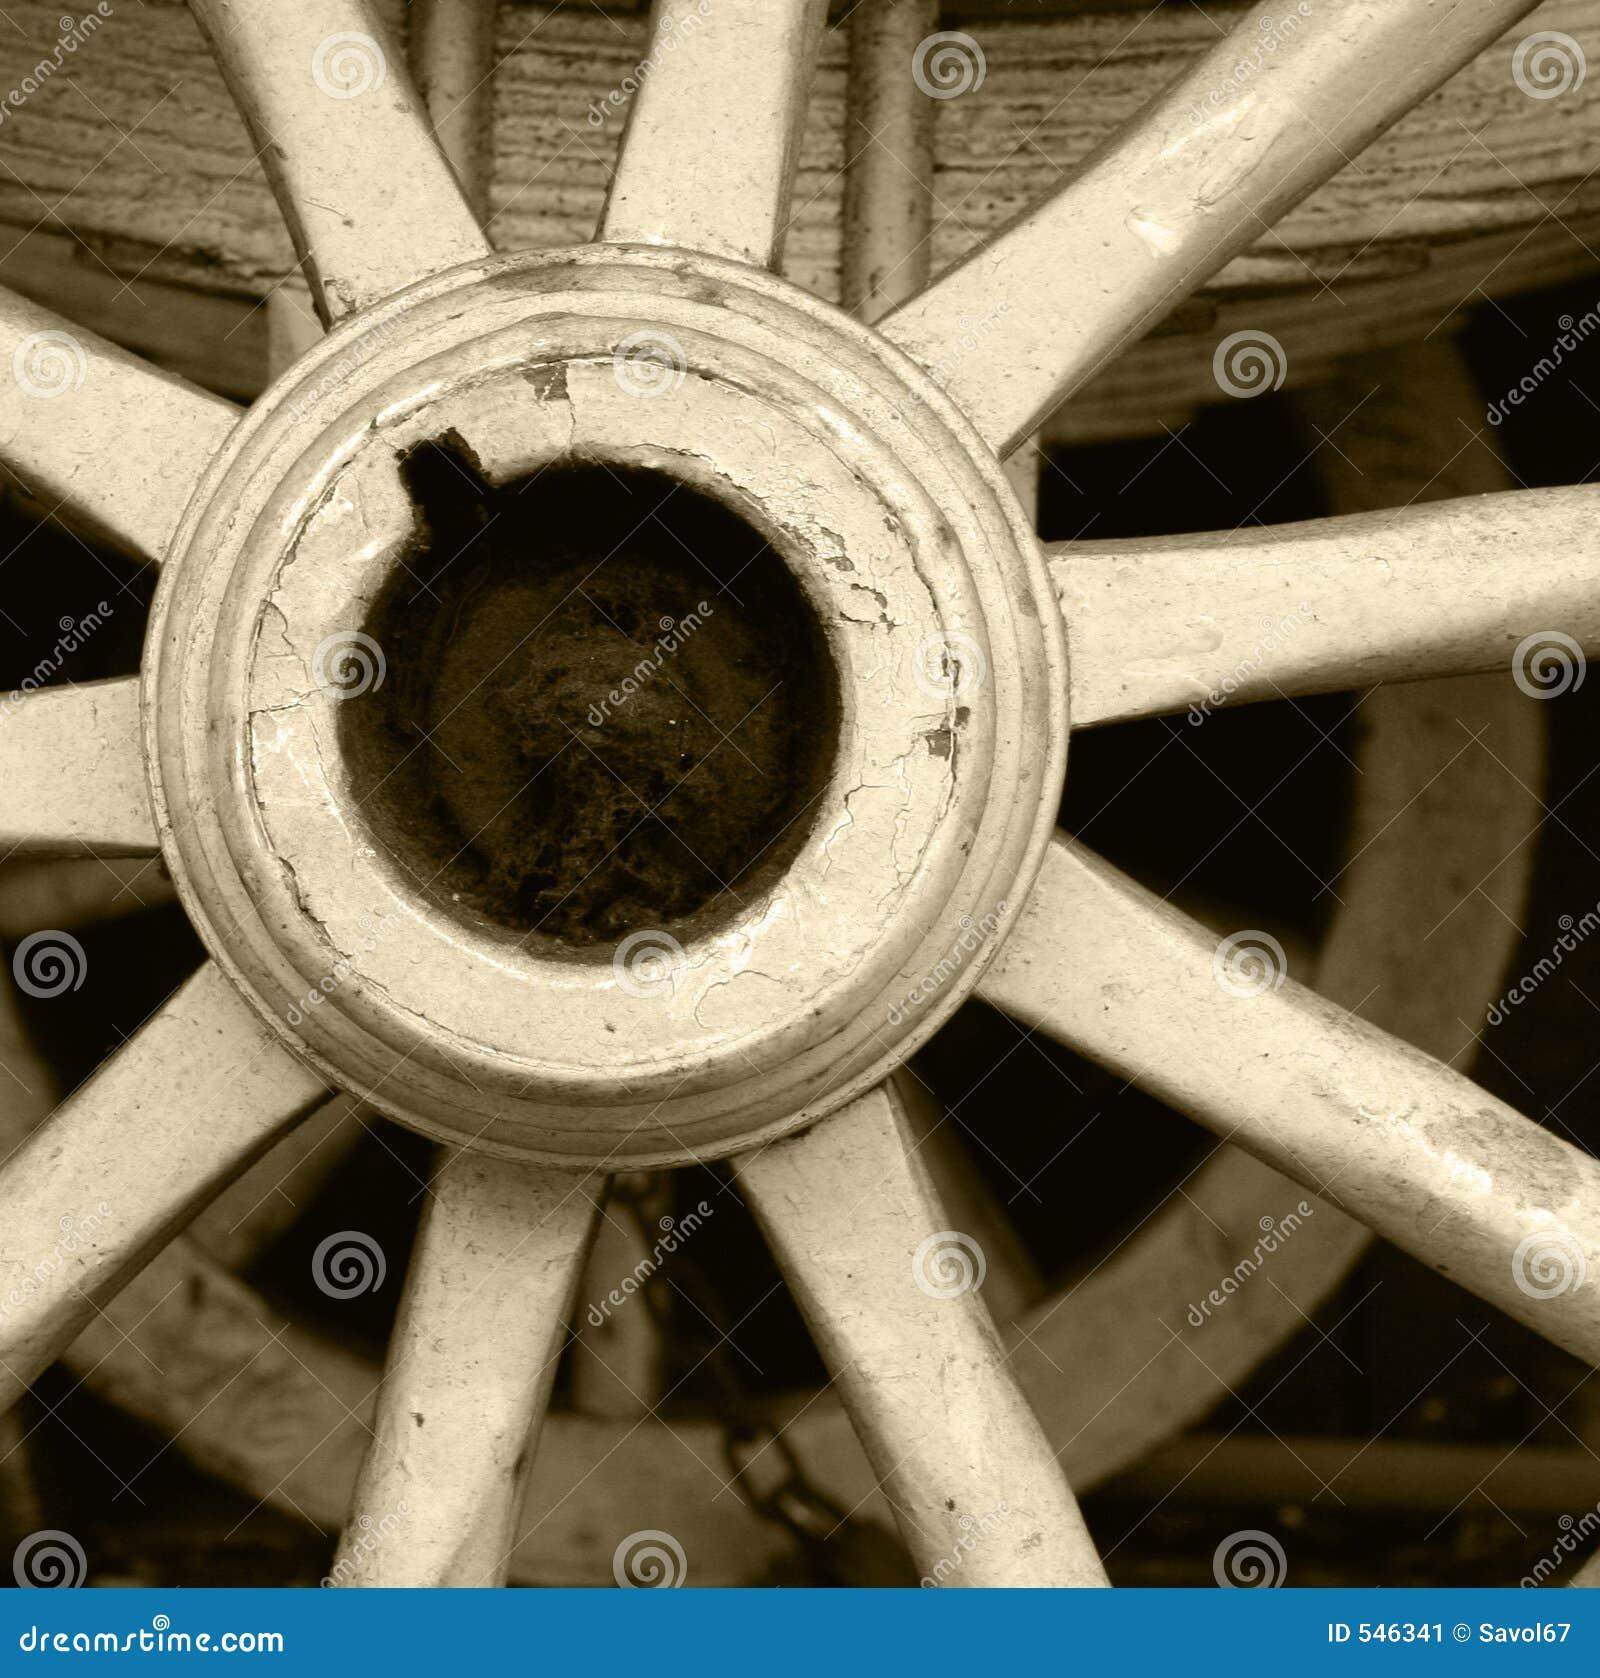 Download 马车车轮 库存图片. 图片 包括有 忘记, 标有日期, 废弃, 日期, 模式, 传统, 无盖货车, 西方, 乌贼属 - 546341